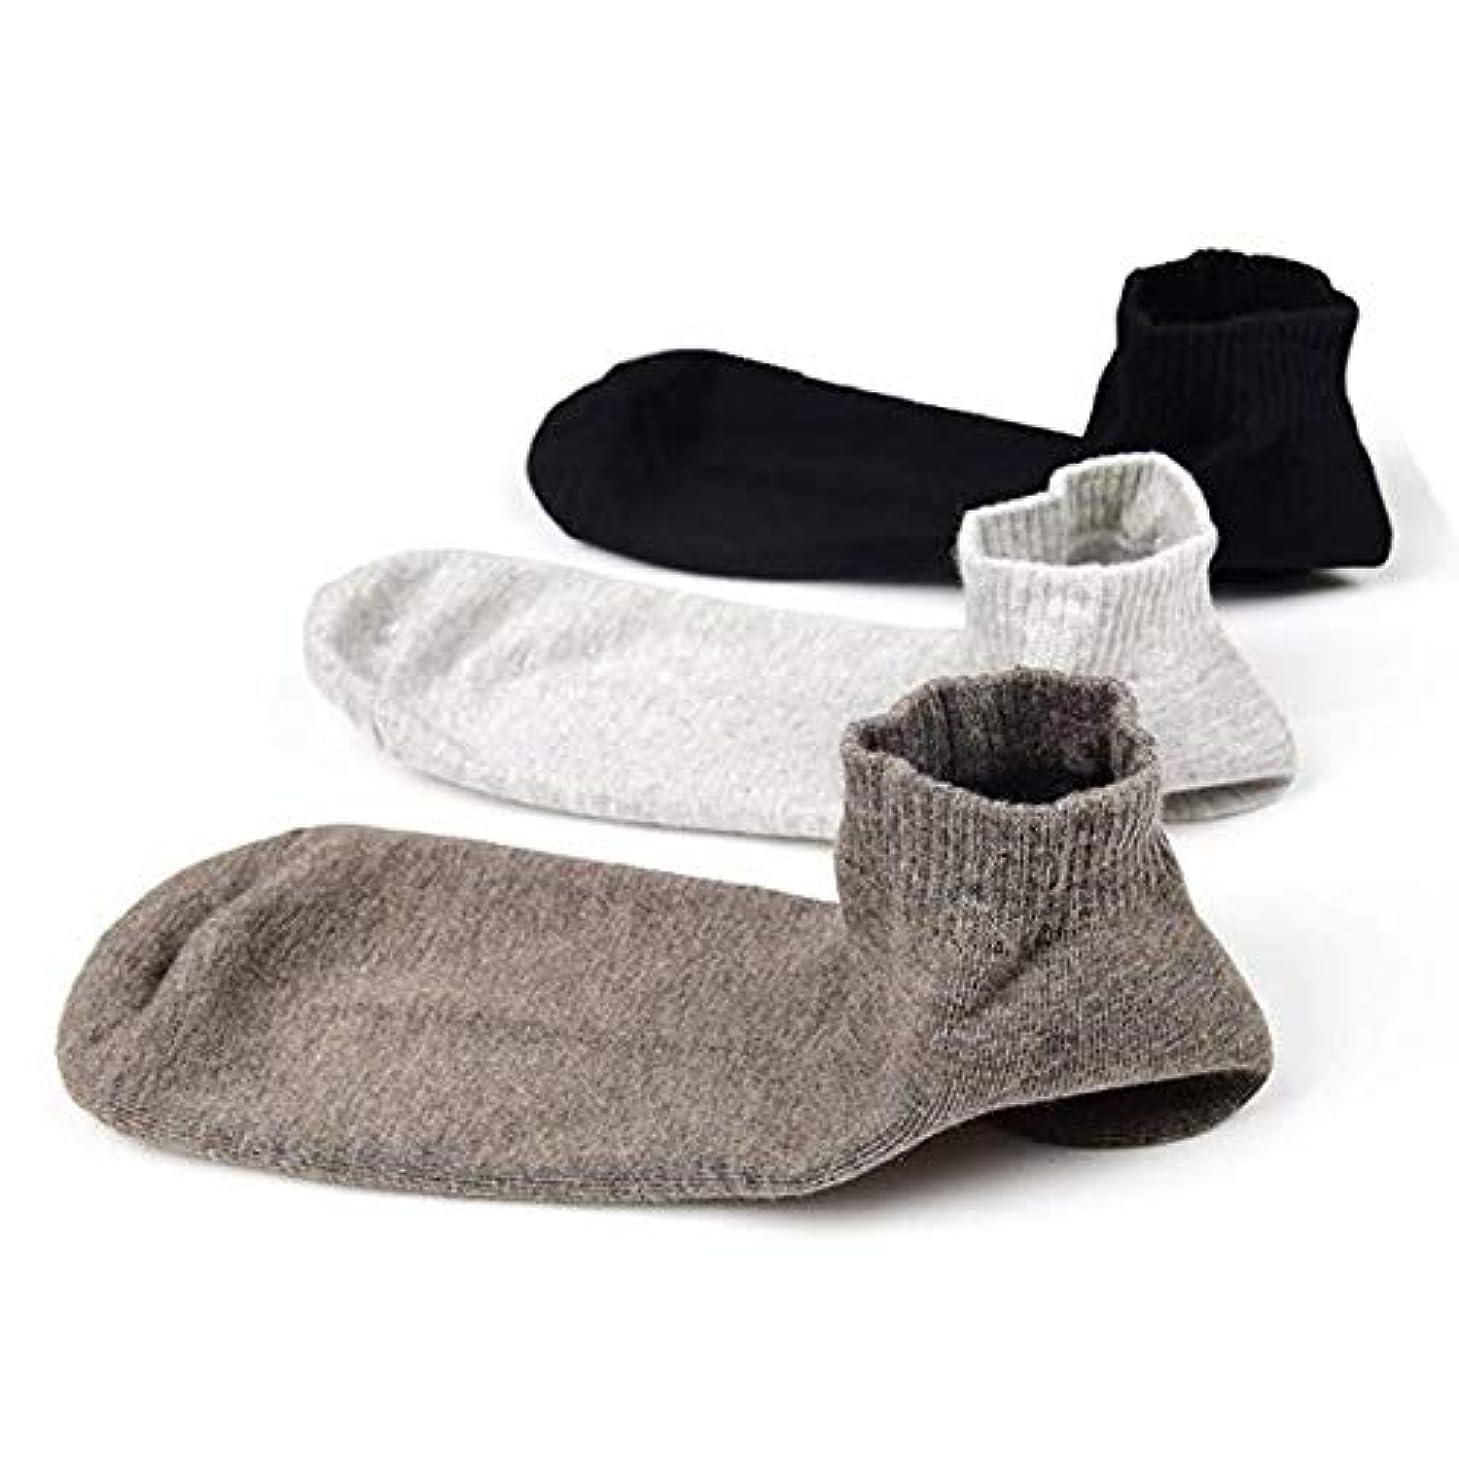 あたり懐疑論ディプロマSweetimes かかとケアソックス 保湿効果 靴下 がさがさ つるつる ひび割れ うるおい 3色セット No.149 (男性)